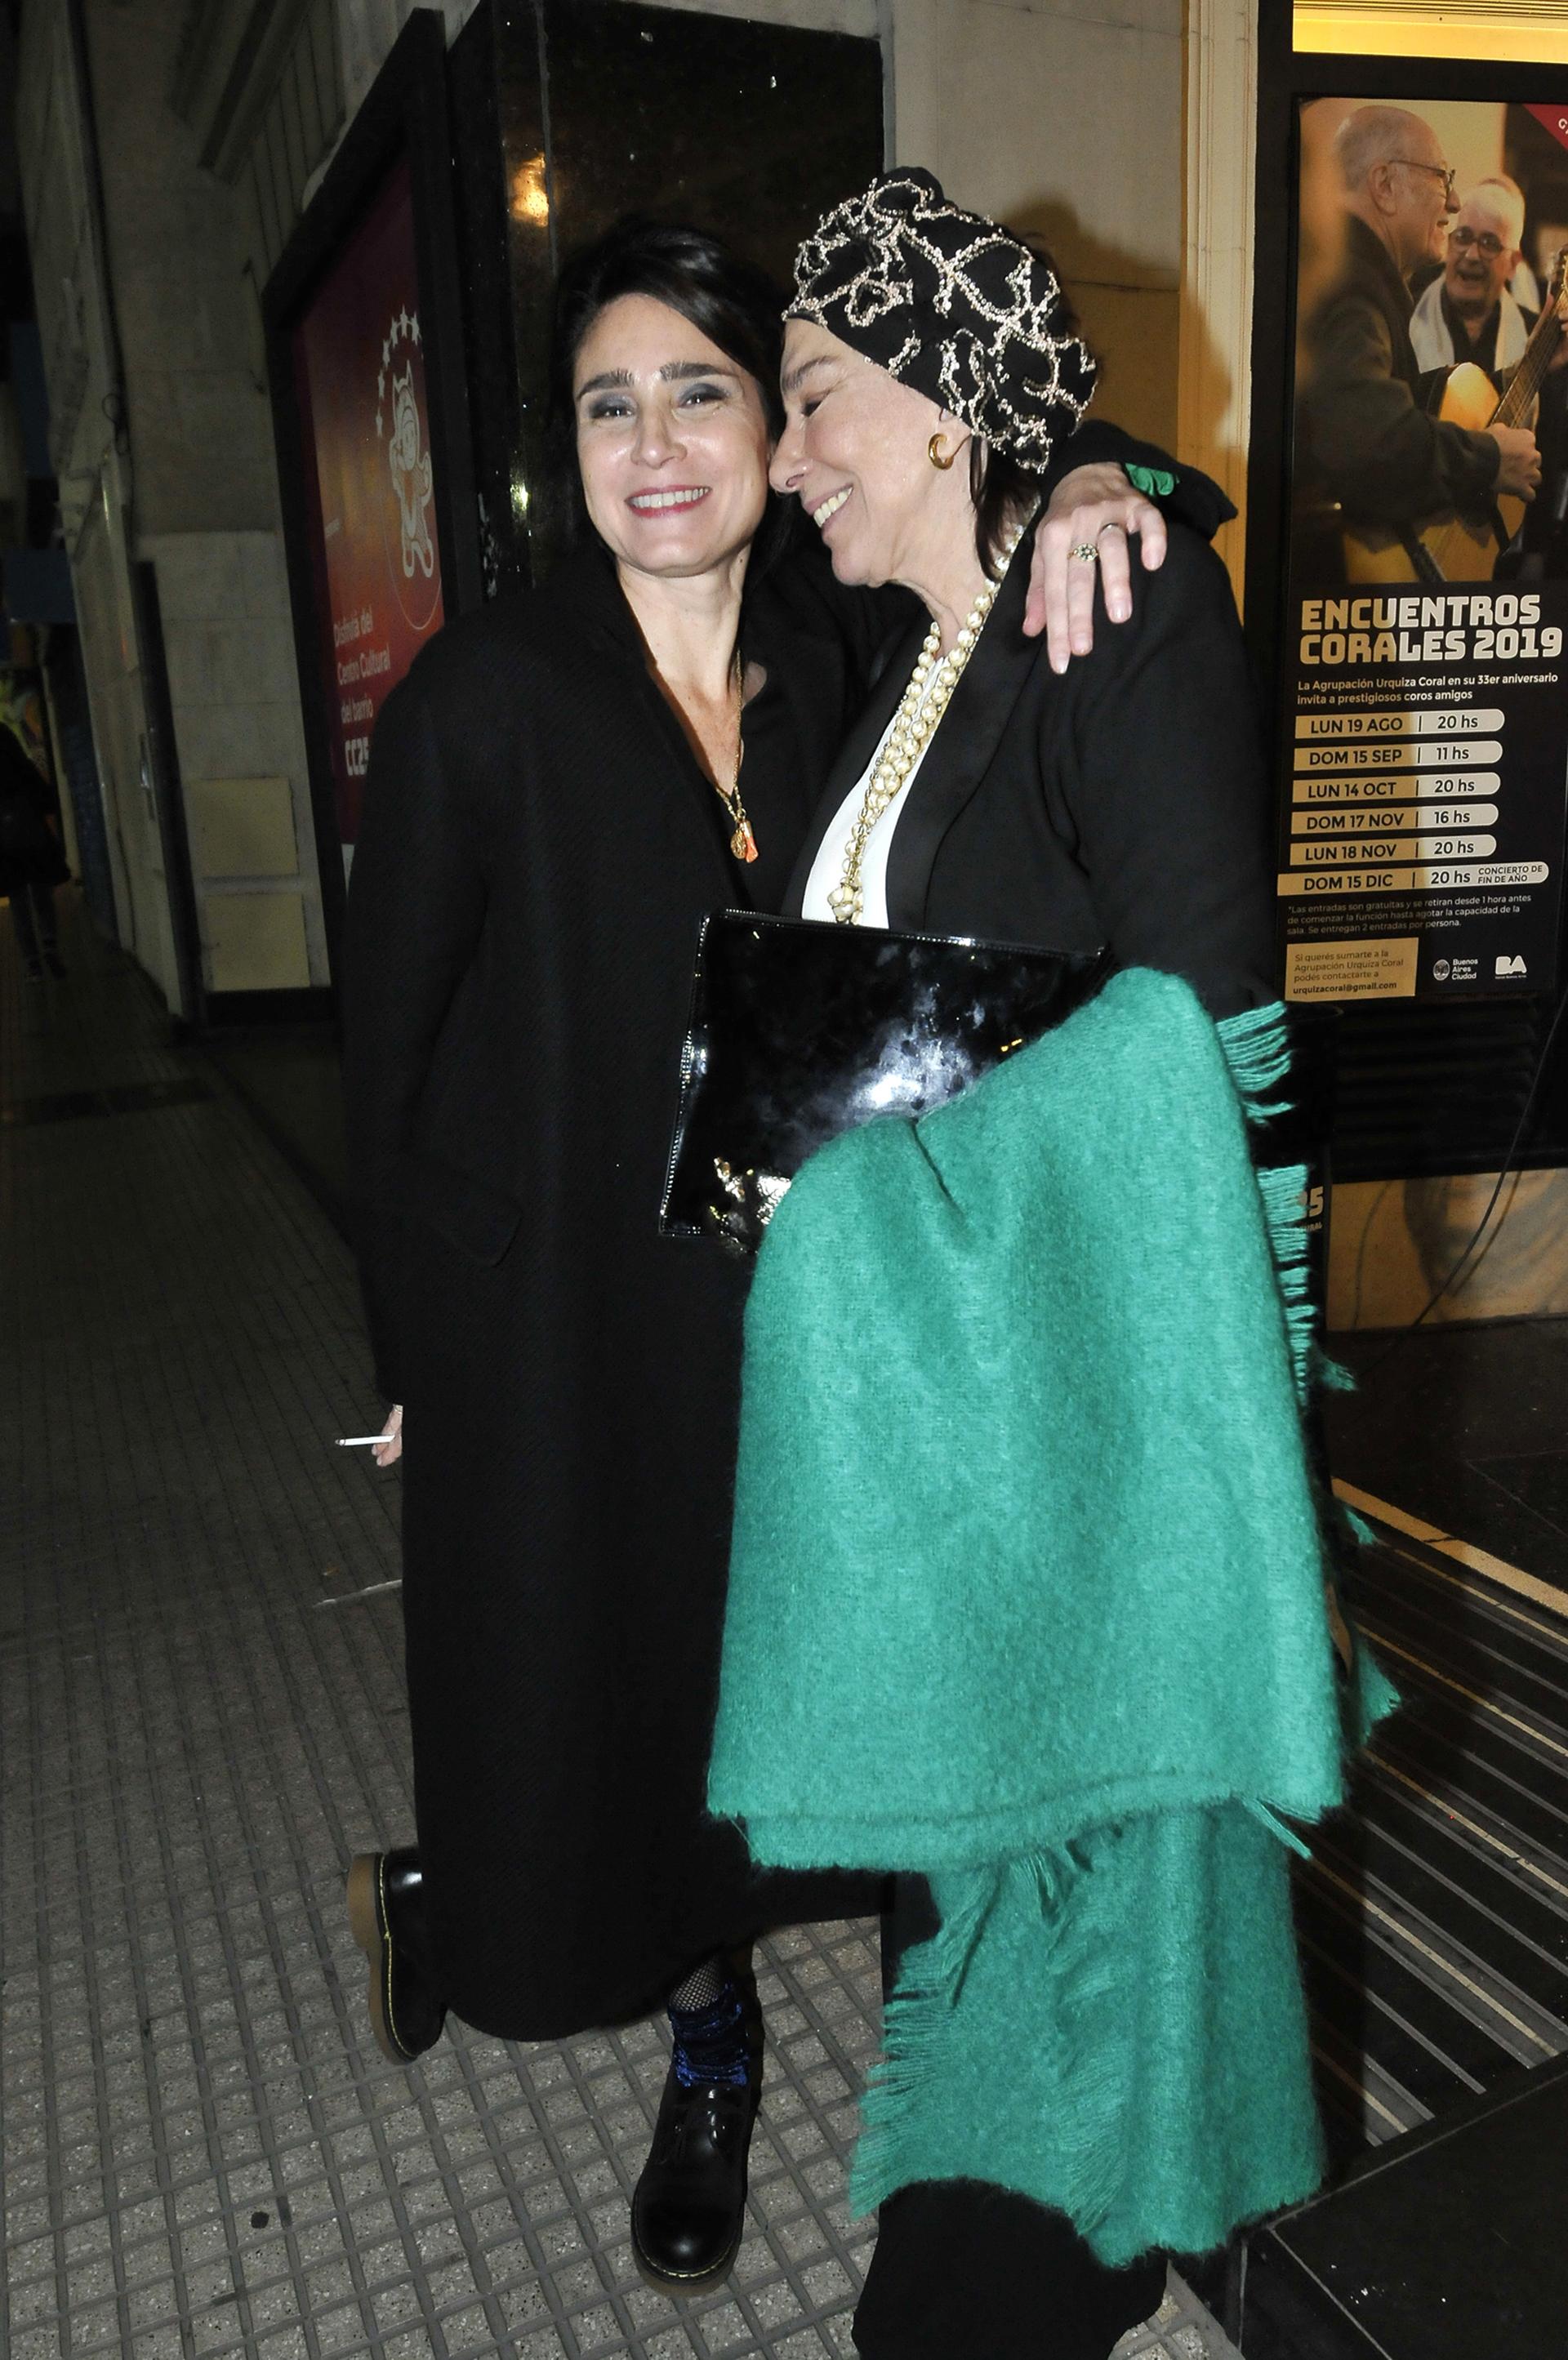 Valeria Bertuccelli y Graciela Borges, muy sonrientes en la salida del evento